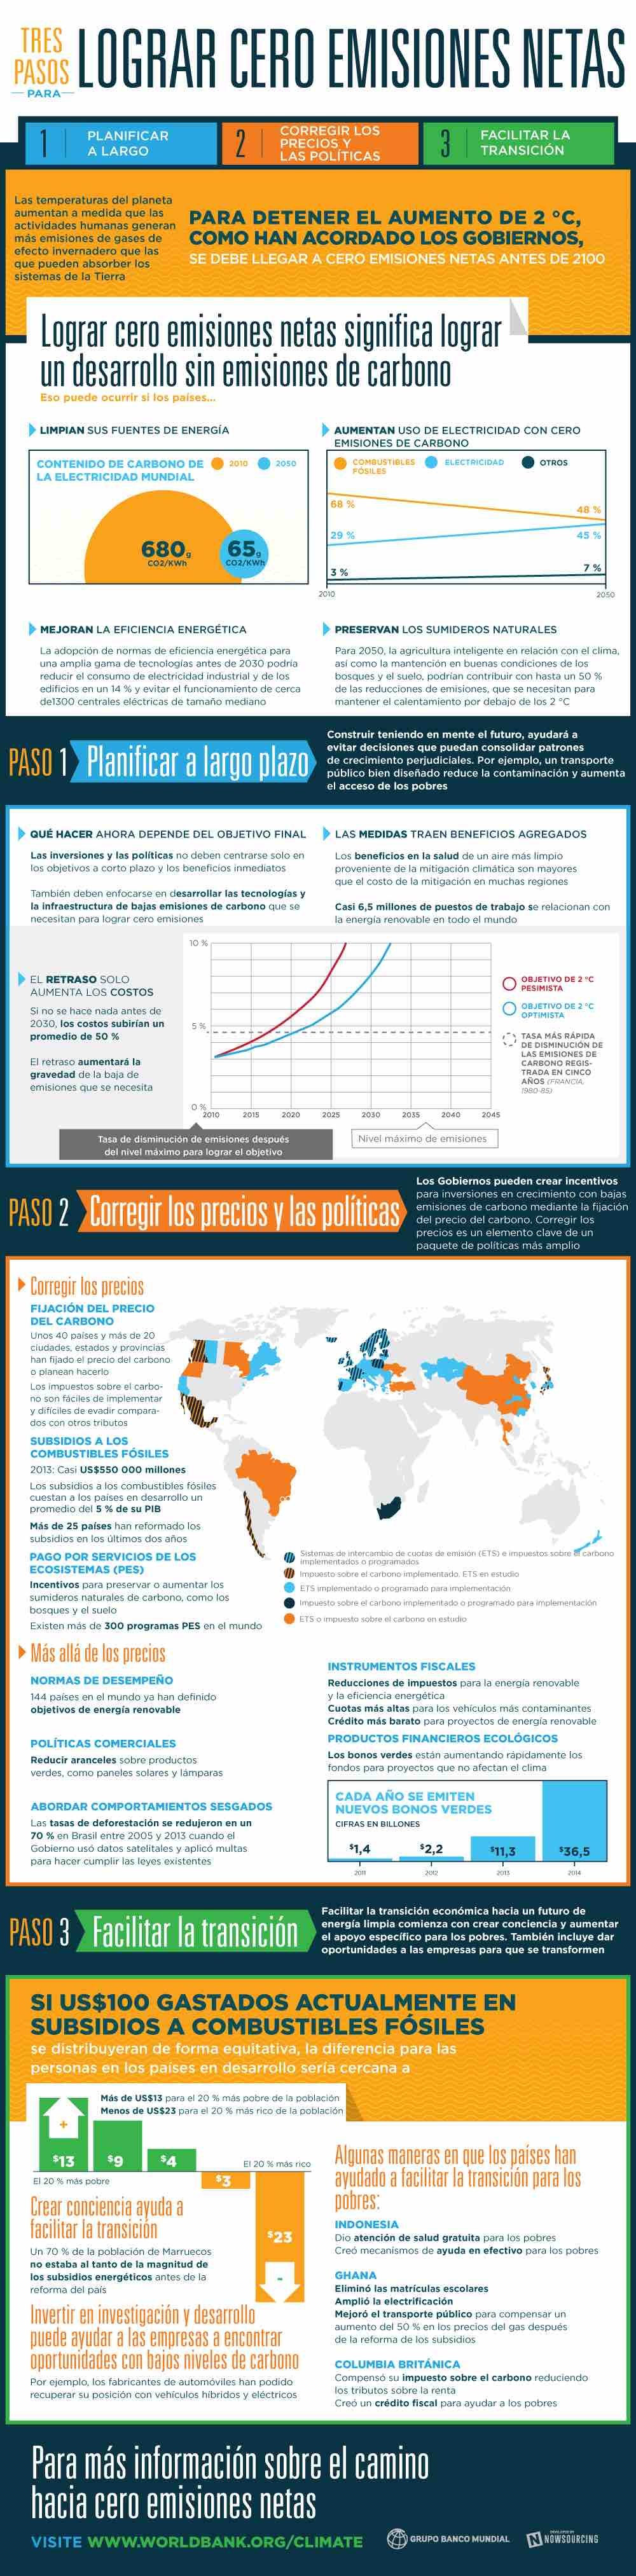 externa infografia banco mundial cero emisiones